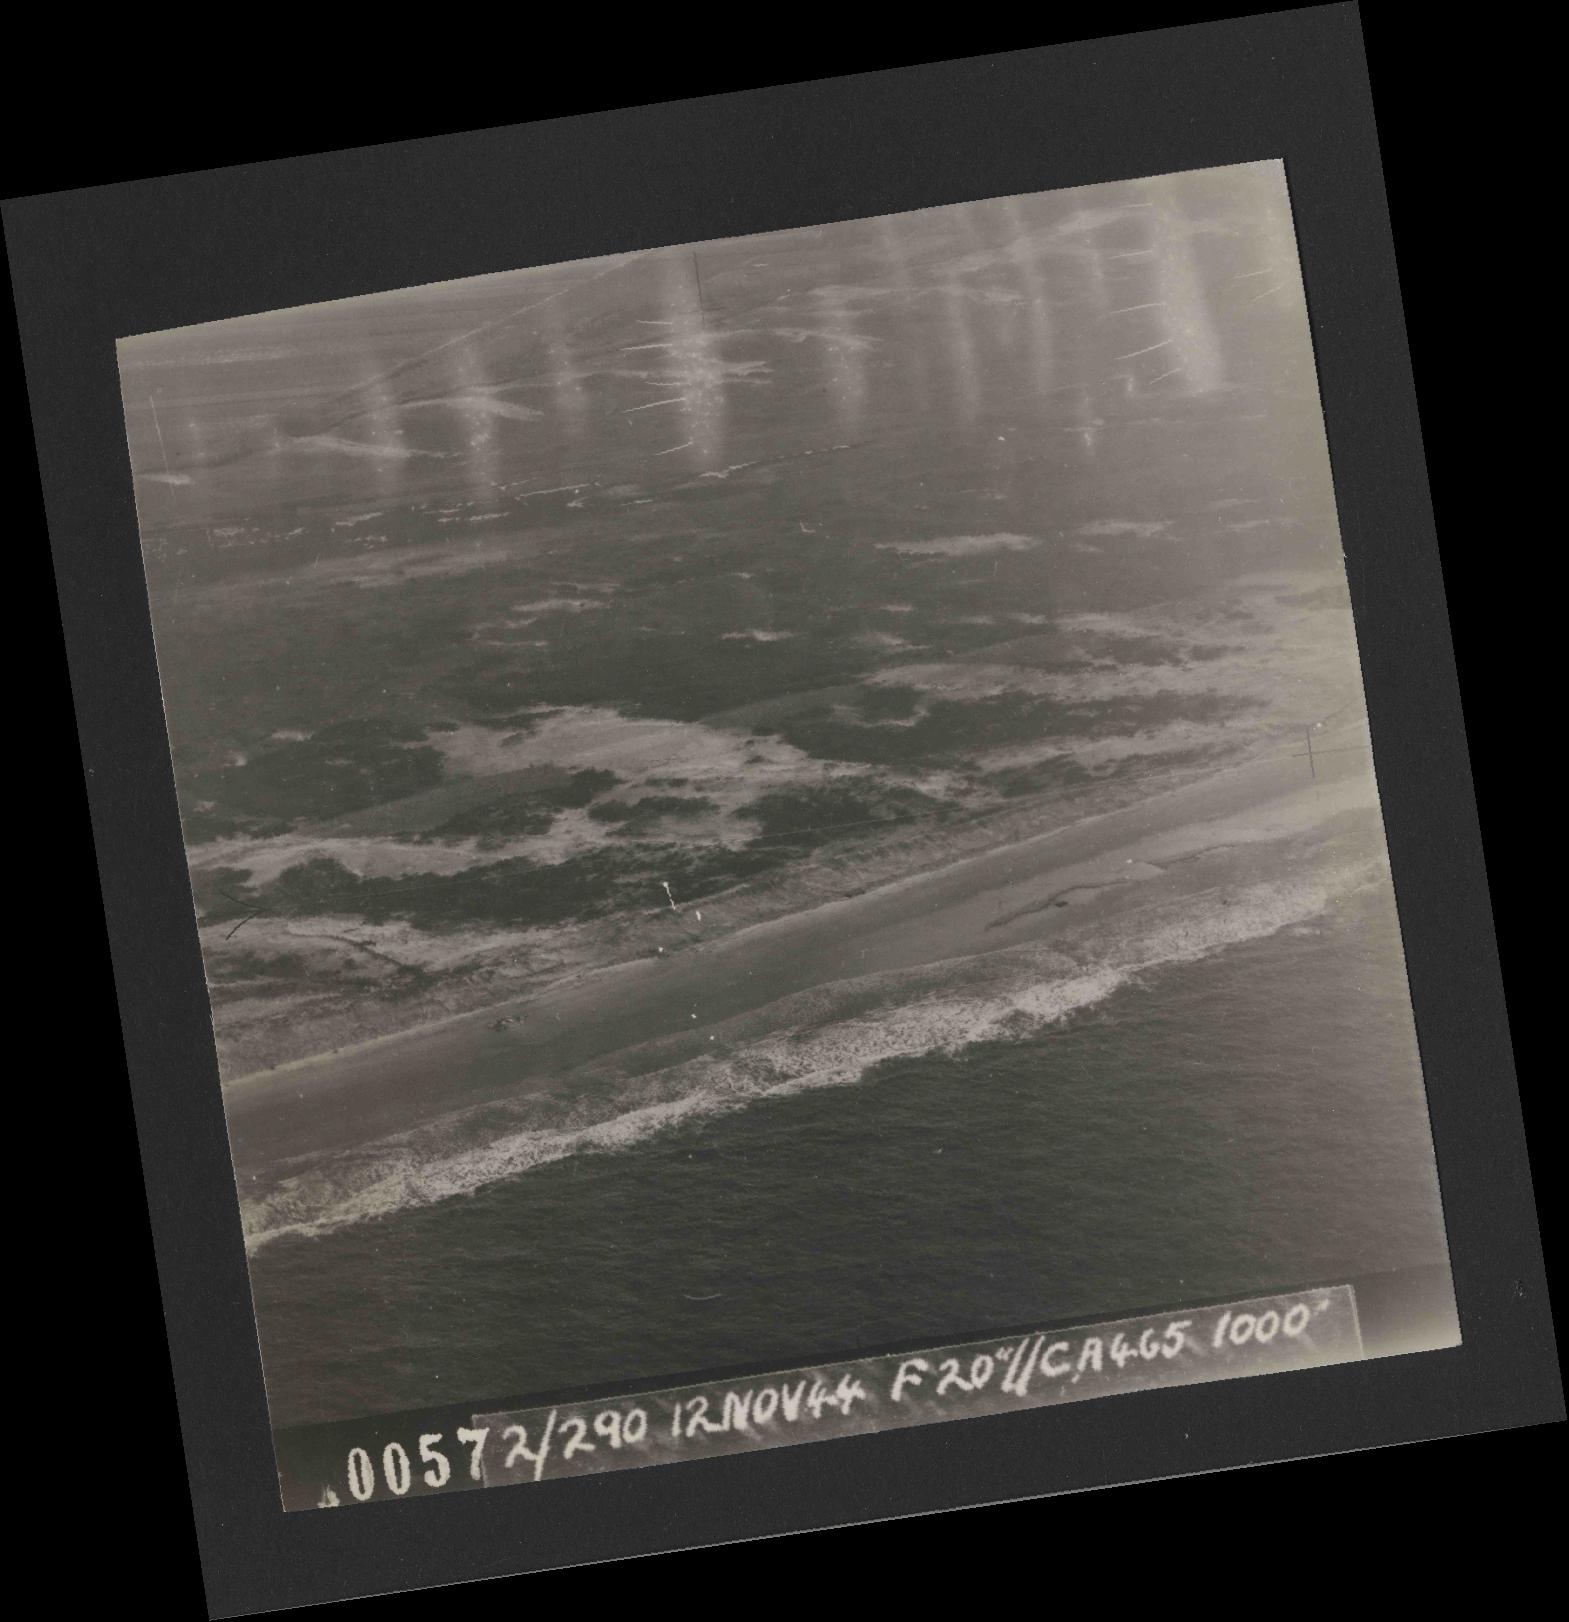 Collection RAF aerial photos 1940-1945 - flight 554, run 01, photo 0057